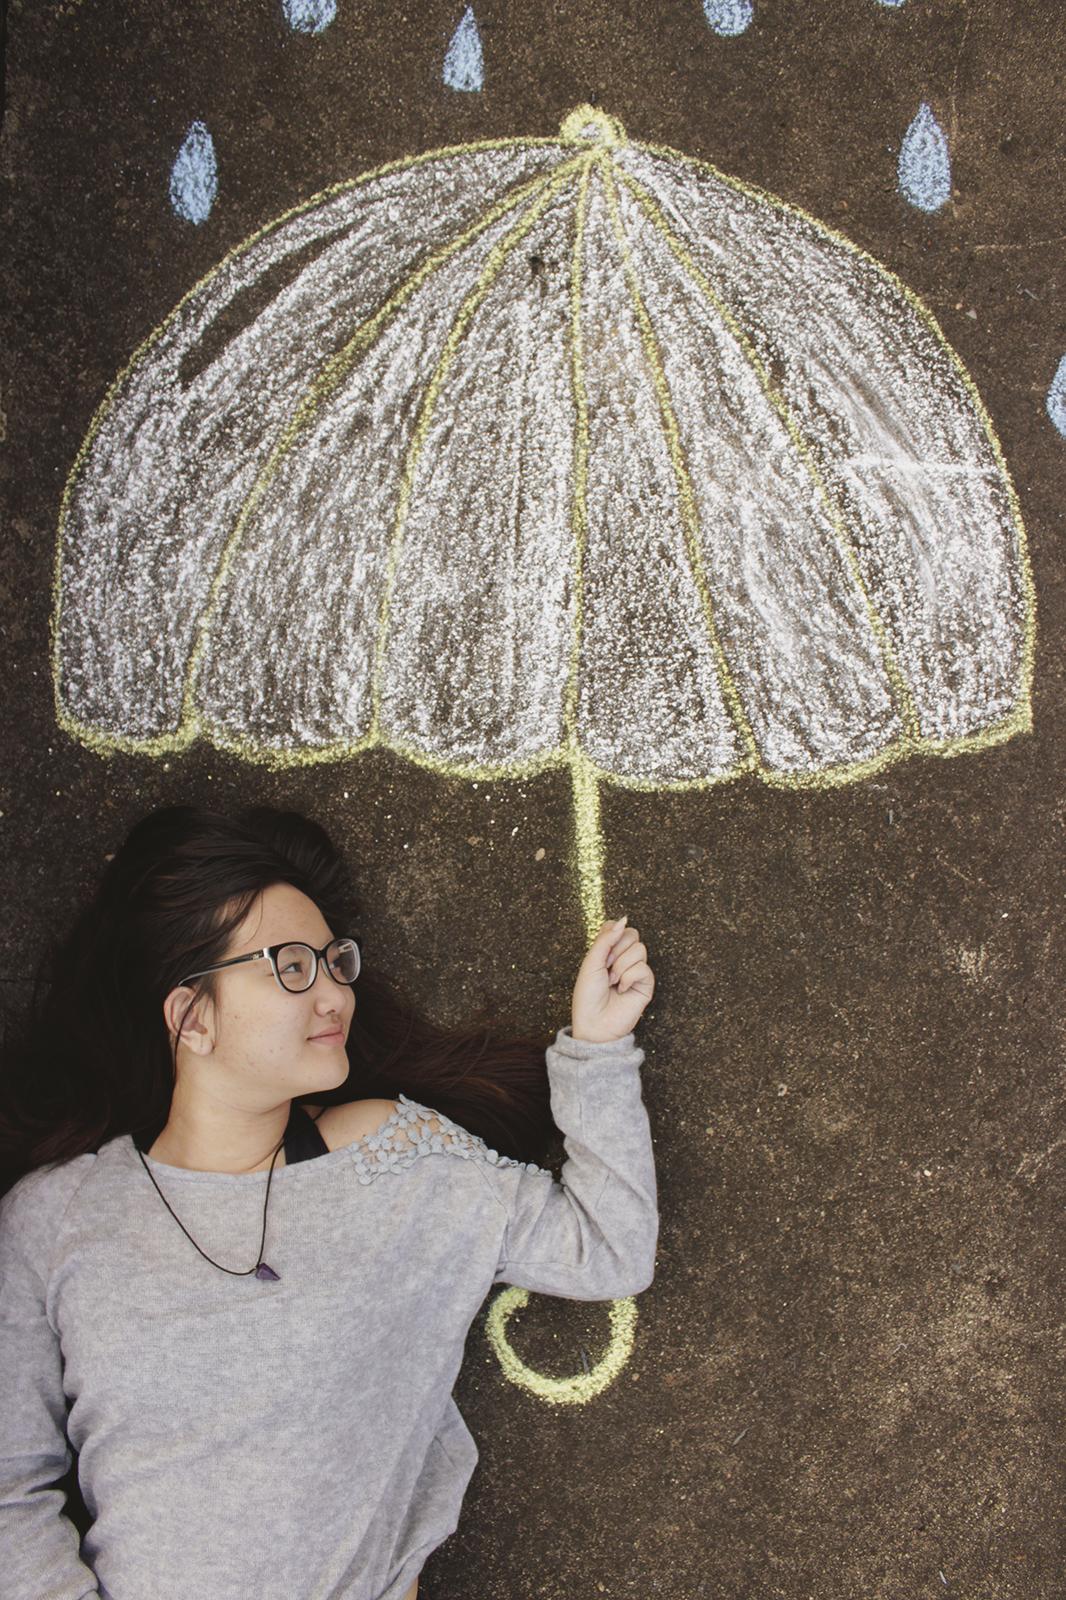 fotos-criativas